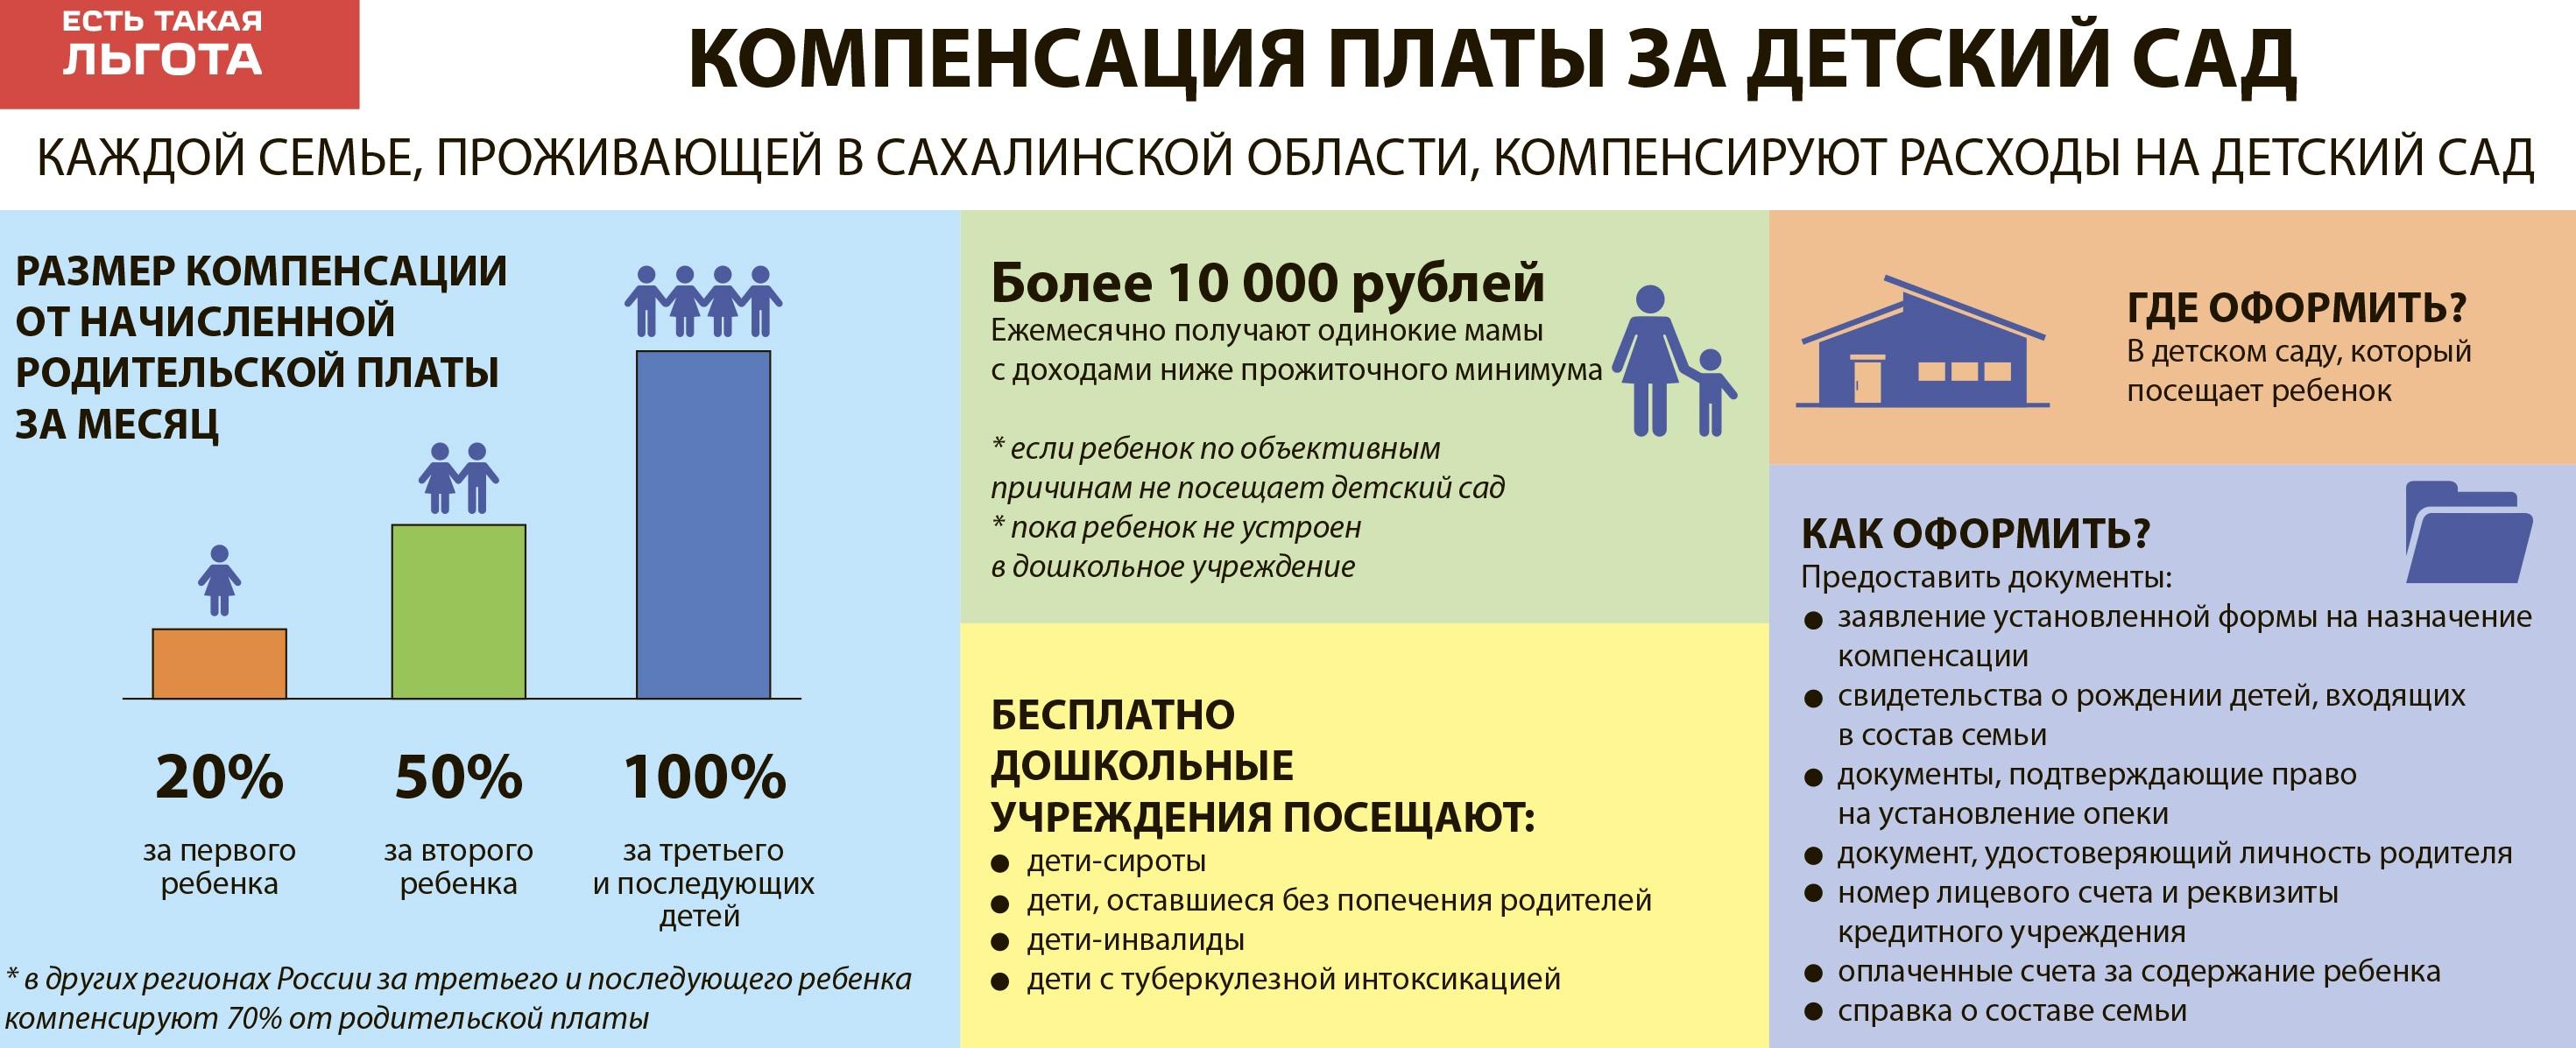 Важная информация о компенсациях за детский сад